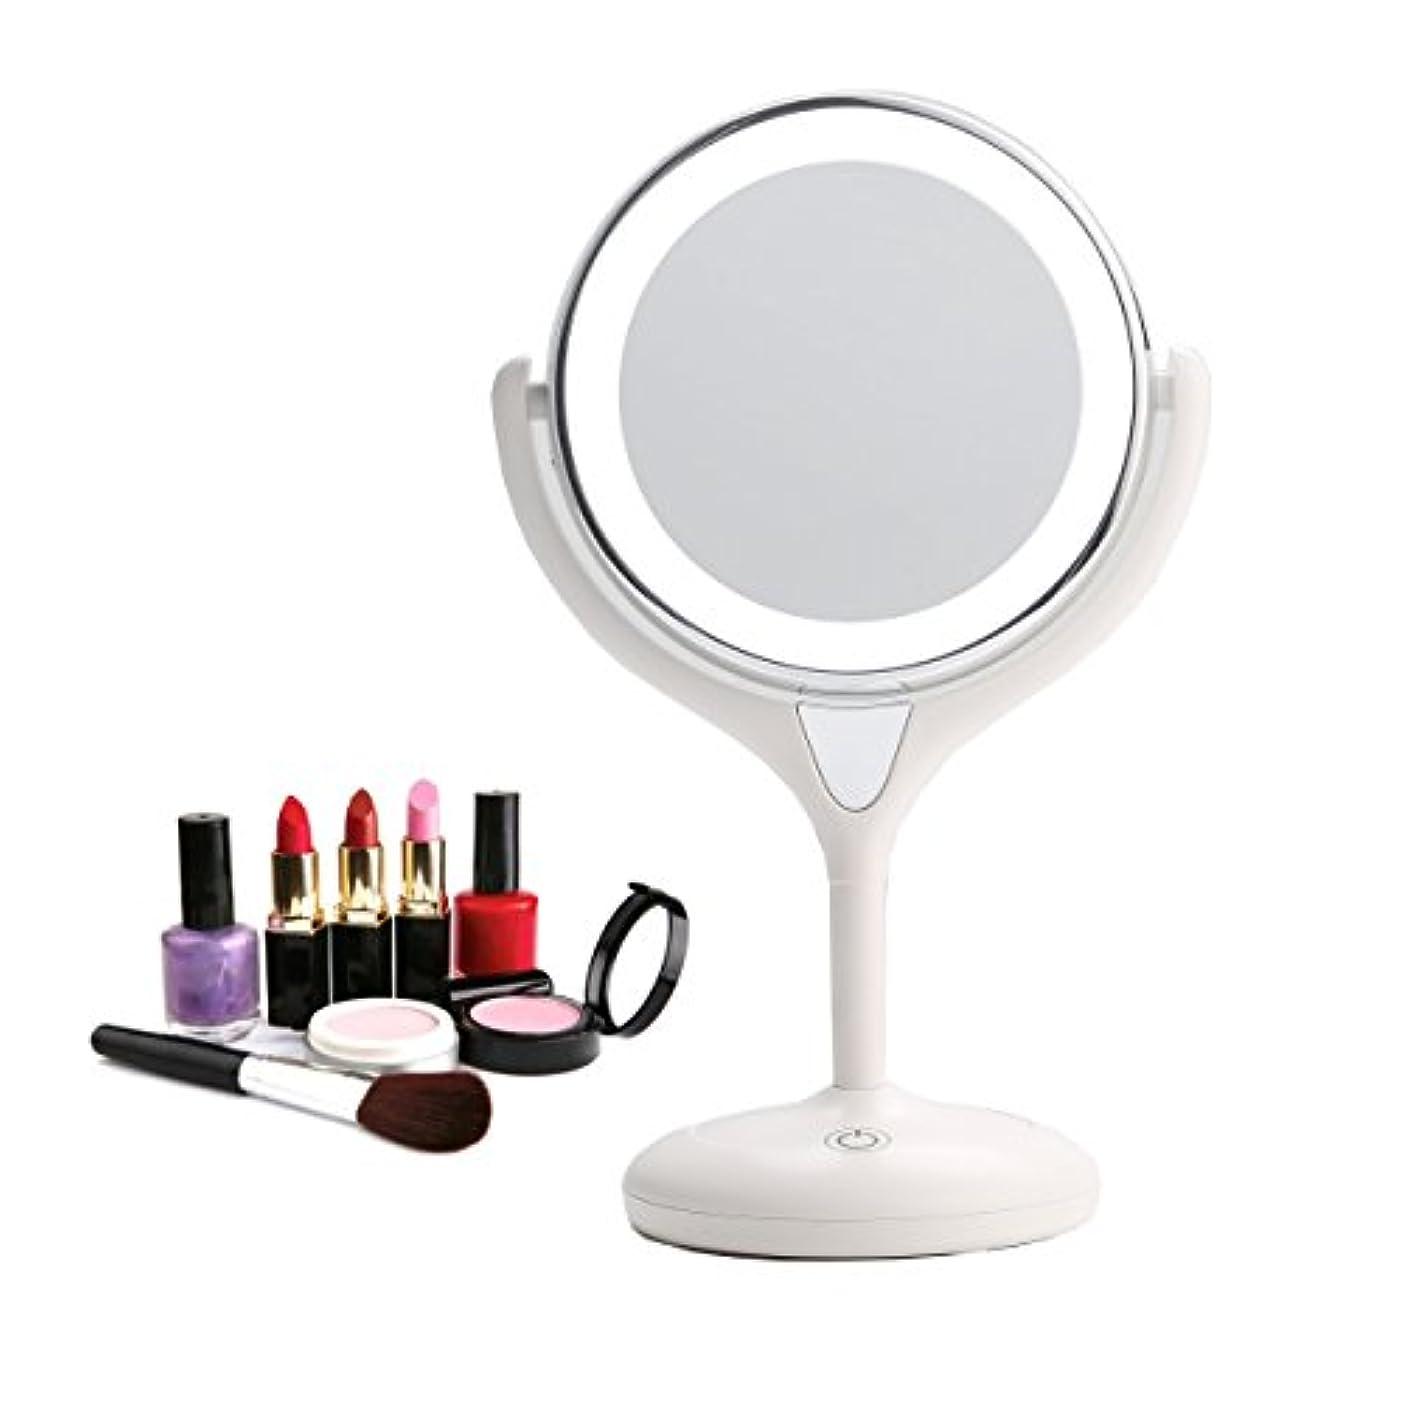 報酬乳製品枕Bestaid-スタンドミラー シンプルデザイン 真実の両面鏡DX 10倍拡大鏡 360度回転 卓上鏡 メイク 化粧道具 14 * 11.5 * 28.5cm